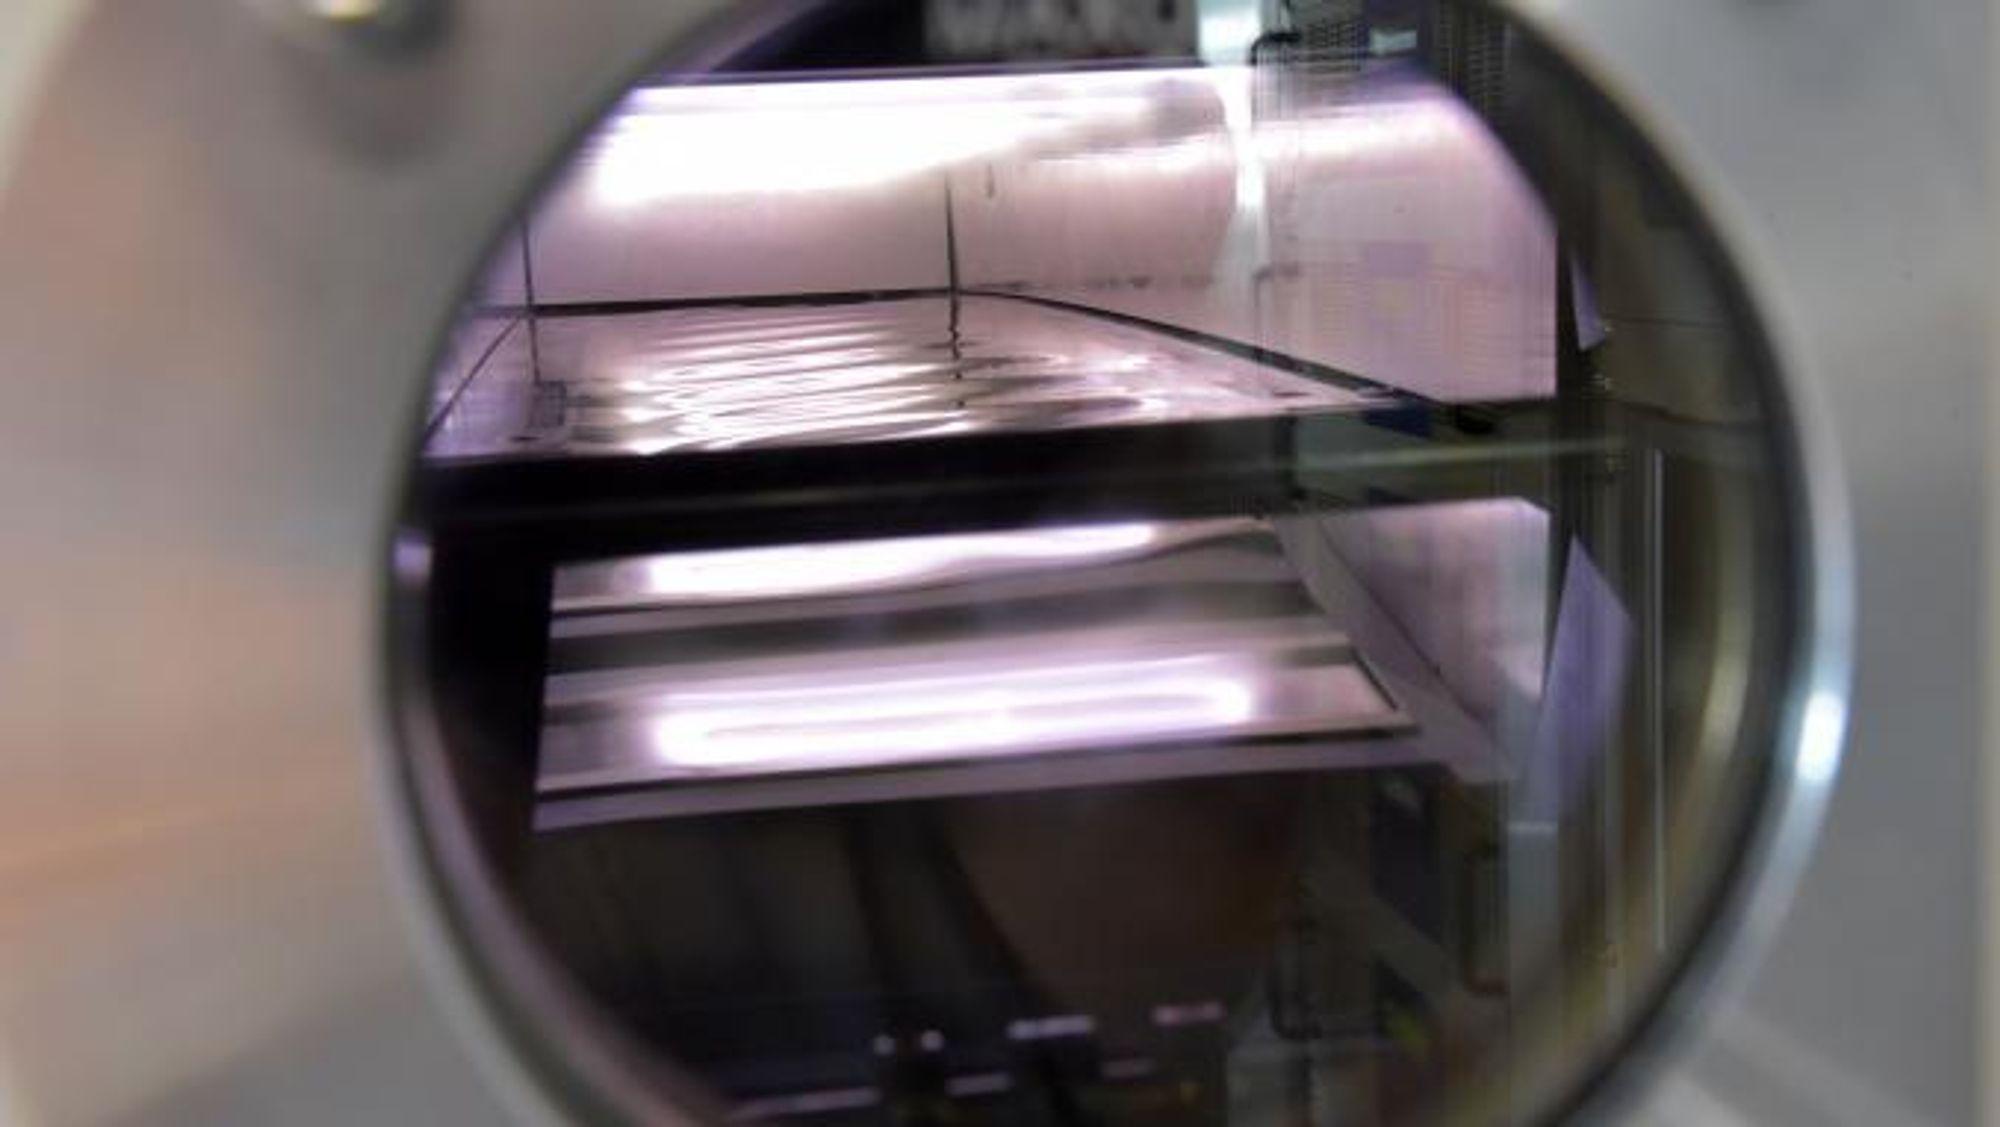 En solcelle utsettes for såkalt reactive sputtering (reaktiv katodeforstøvning). Prosjektet er bl.a. støttet av Danmarks Frie Forskningsfond og Villum Fonden.